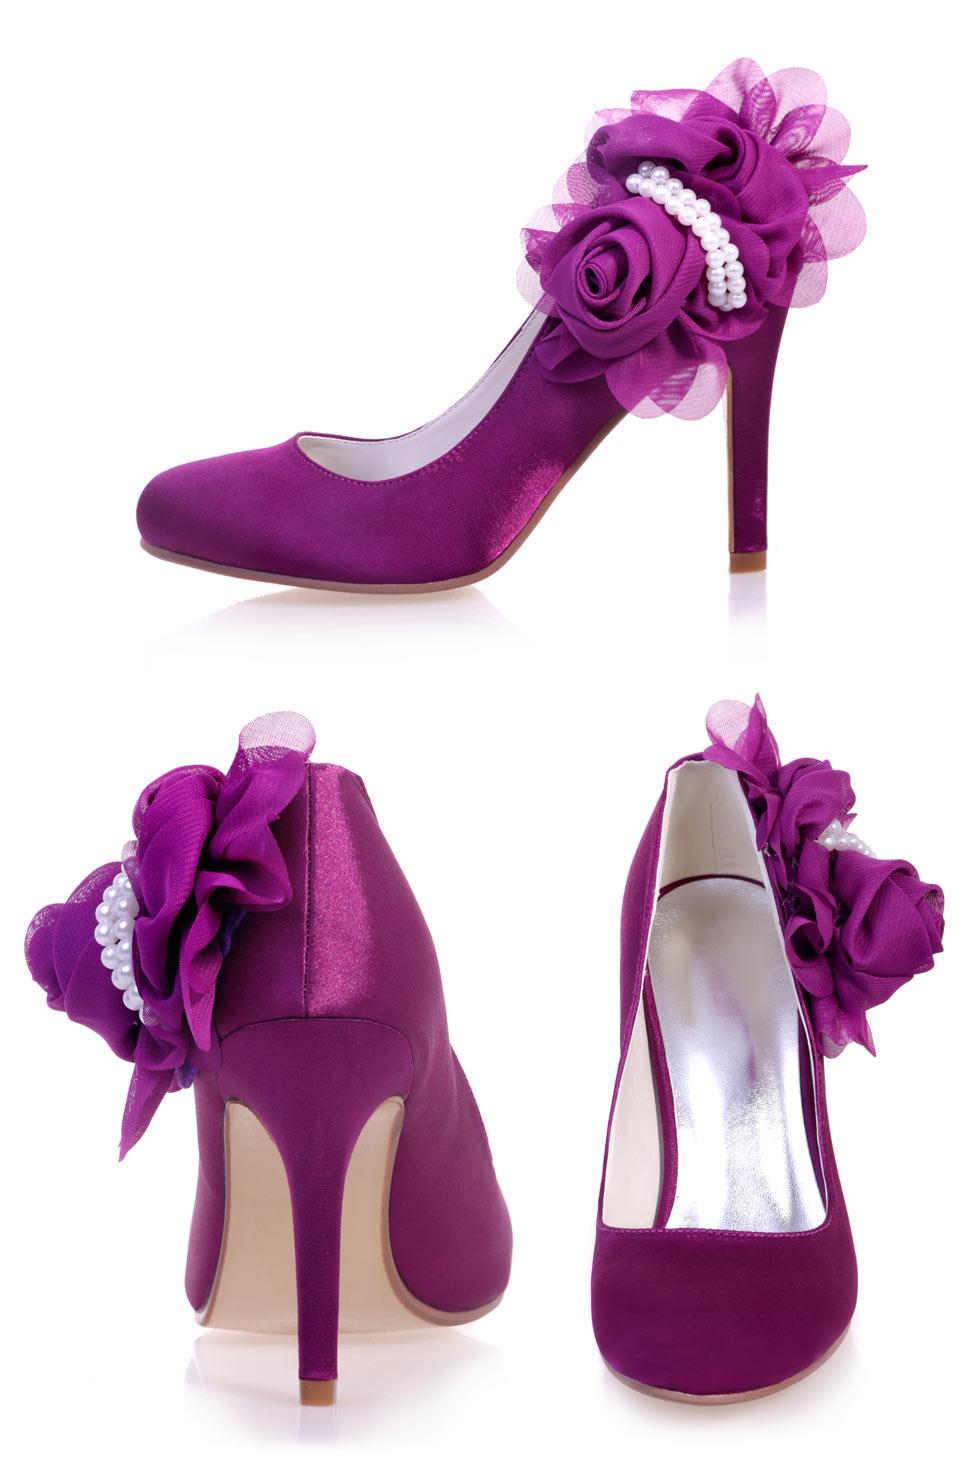 escarpin mariage violet fleuri & perle